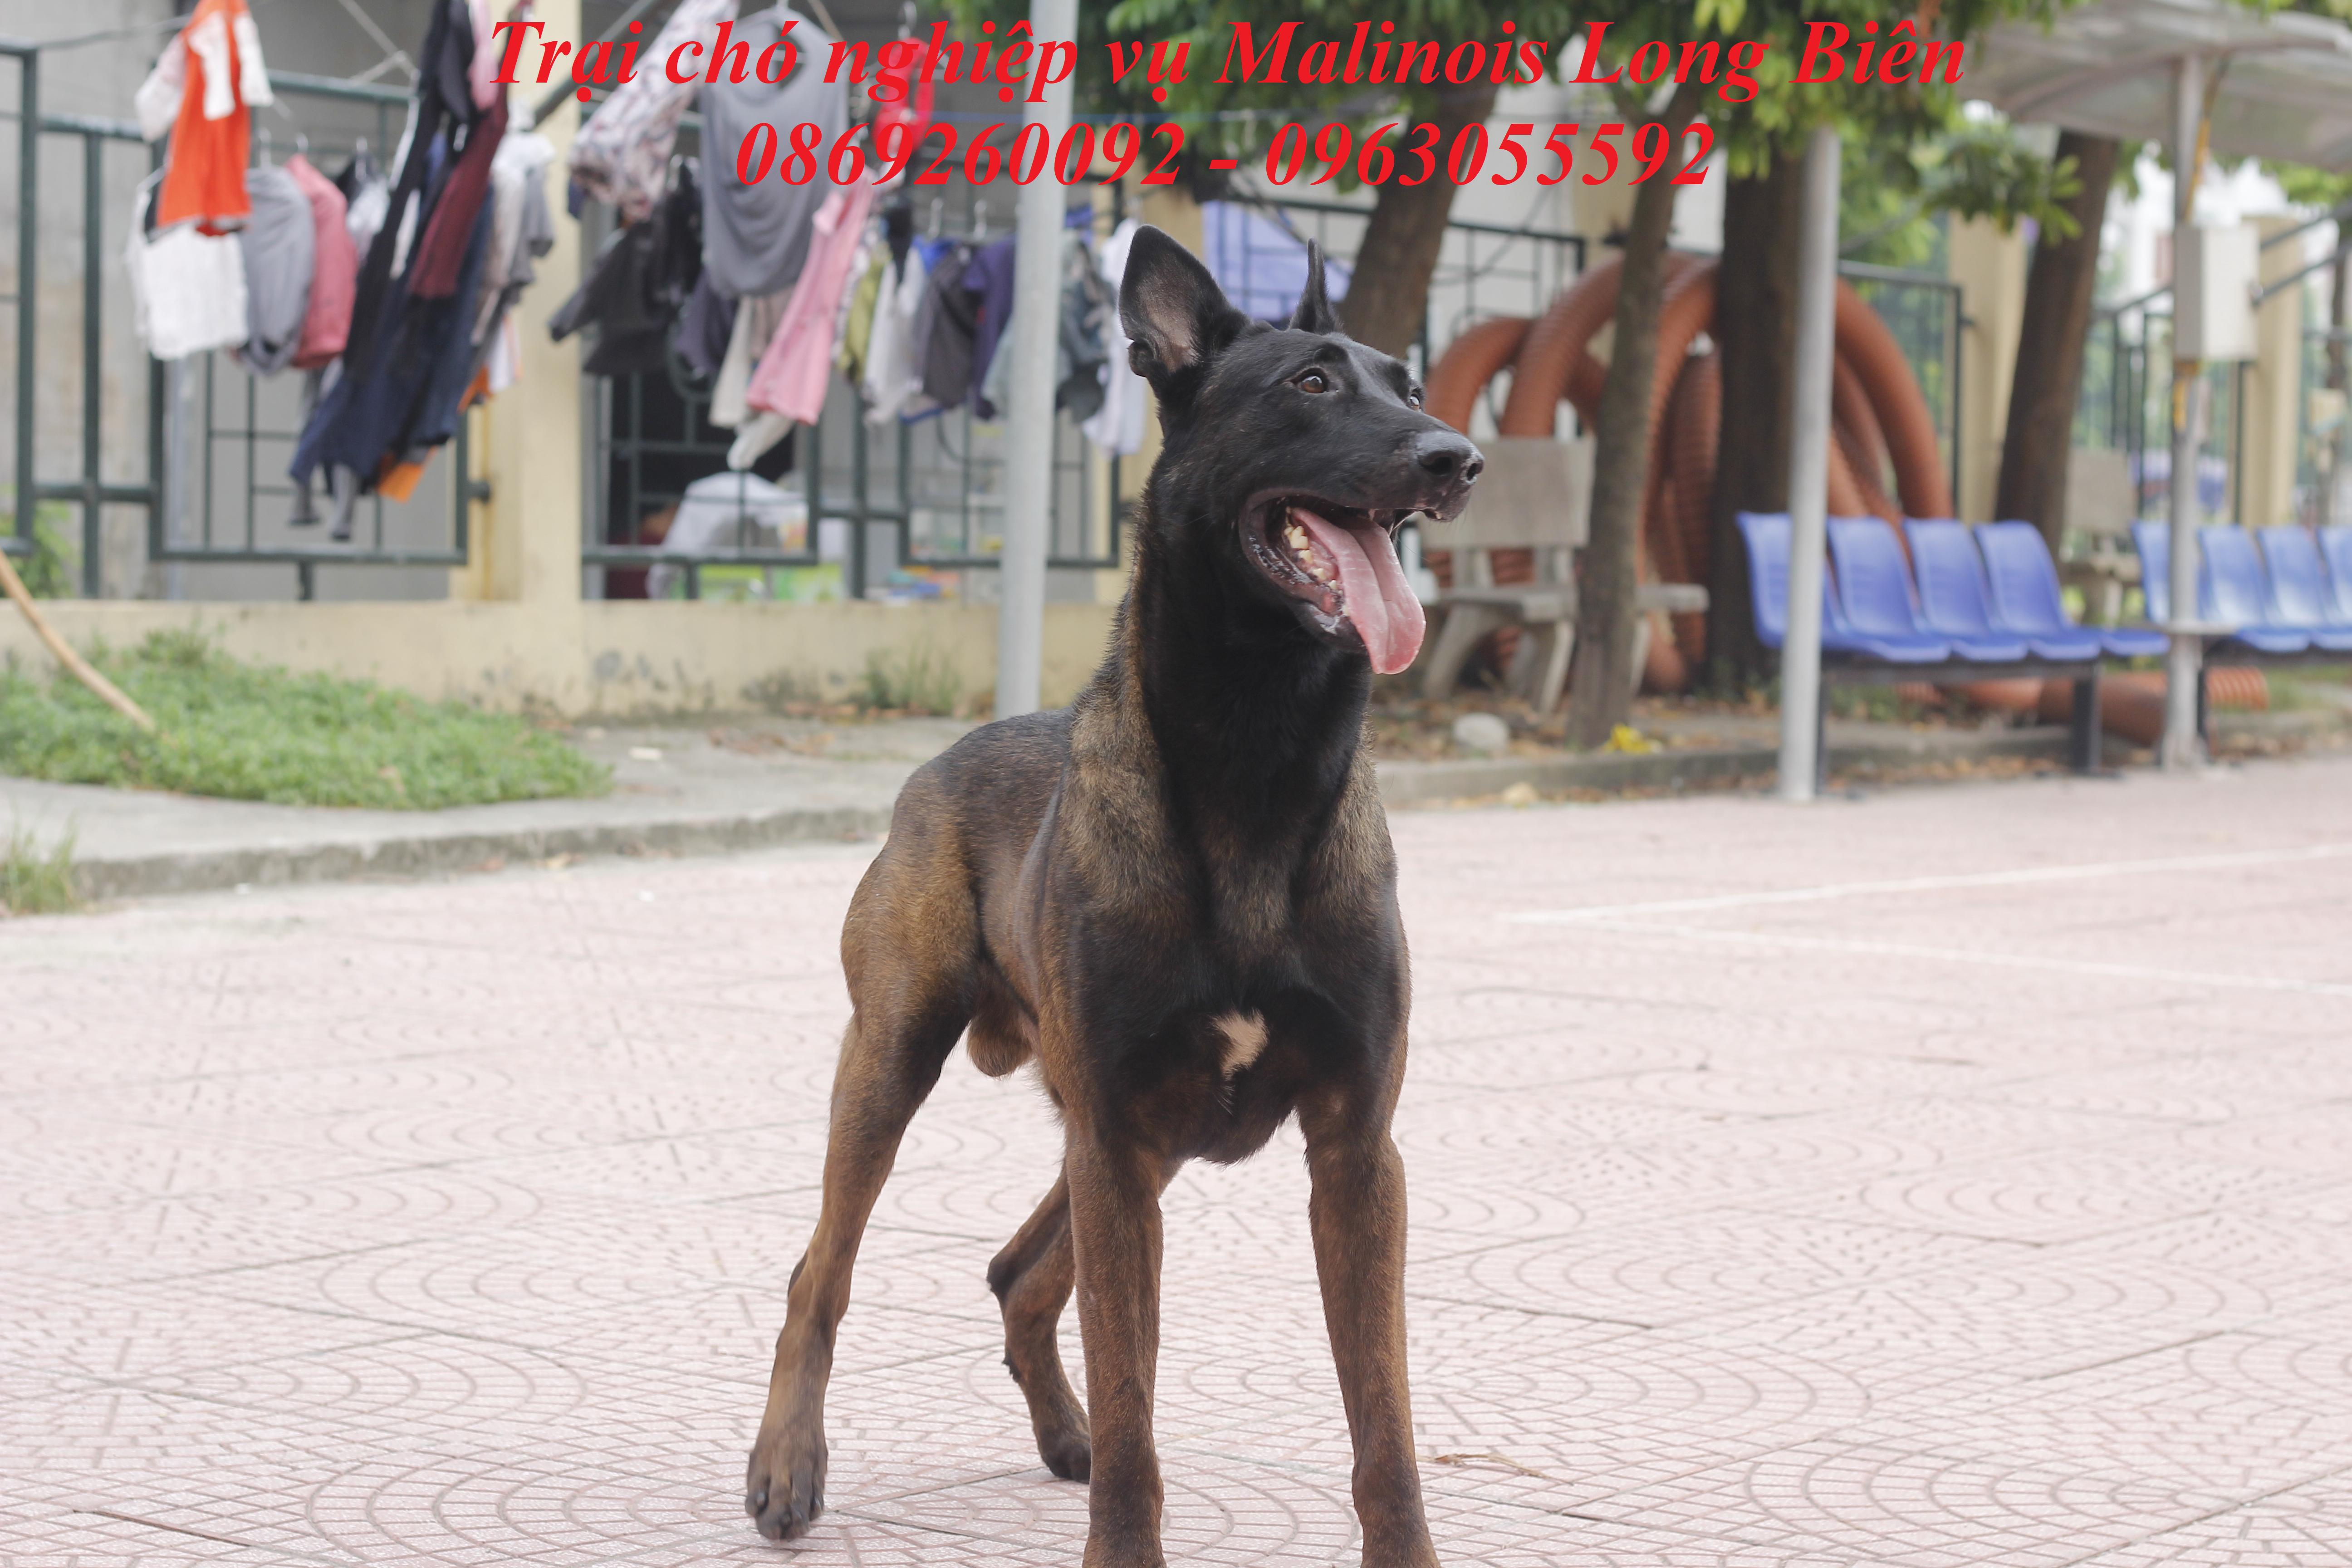 Nuôi chó becgie Bỉ tại trại chó nghiệp vụ malinois Long Biên